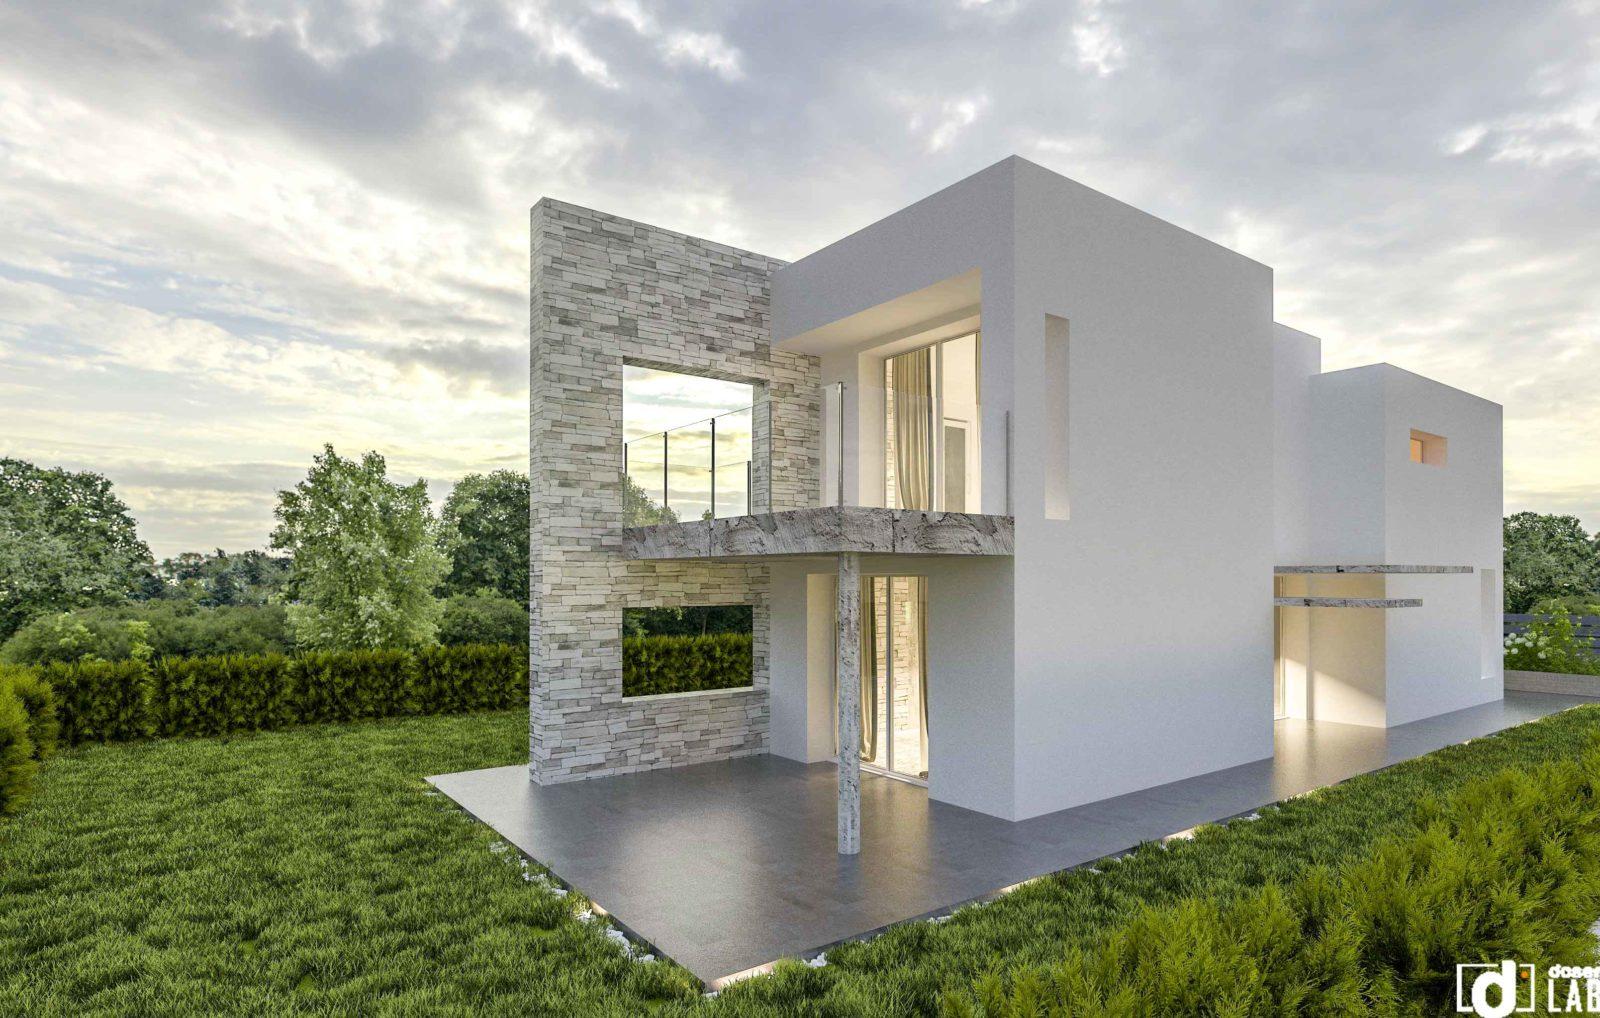 Doser parma real estate e architettura - Costo allacciamenti casa nuova costruzione ...